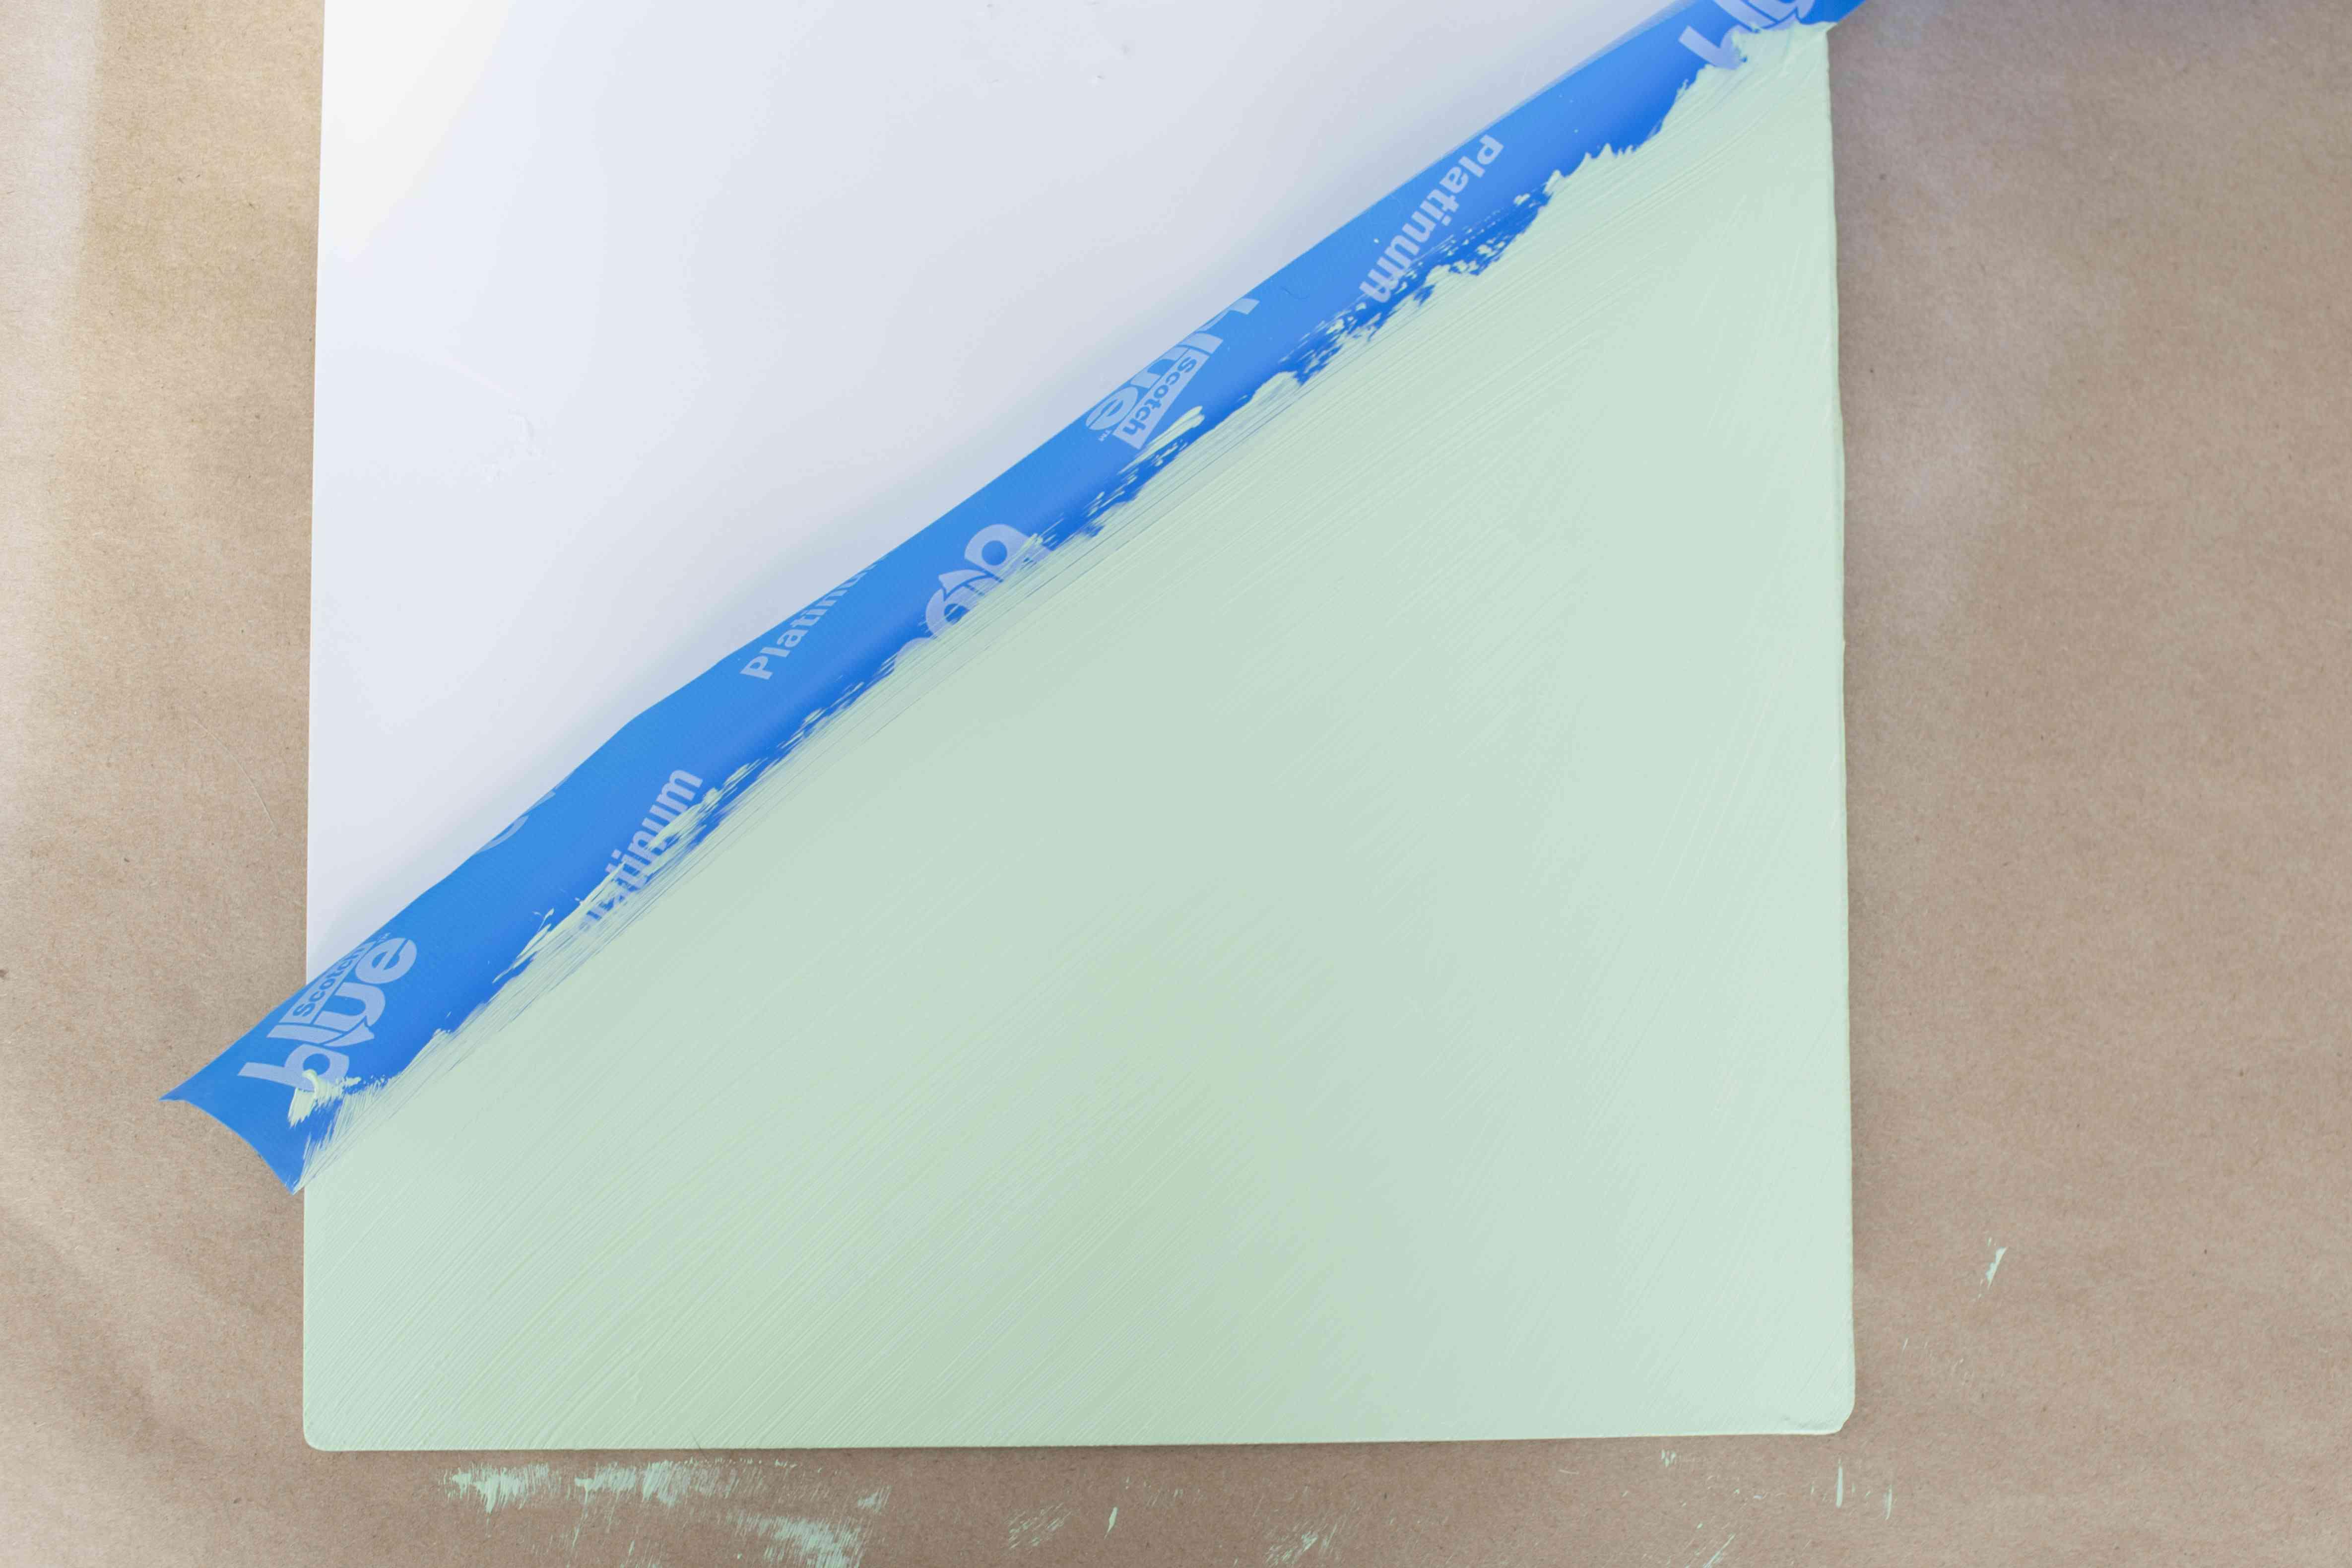 Add mint green paint